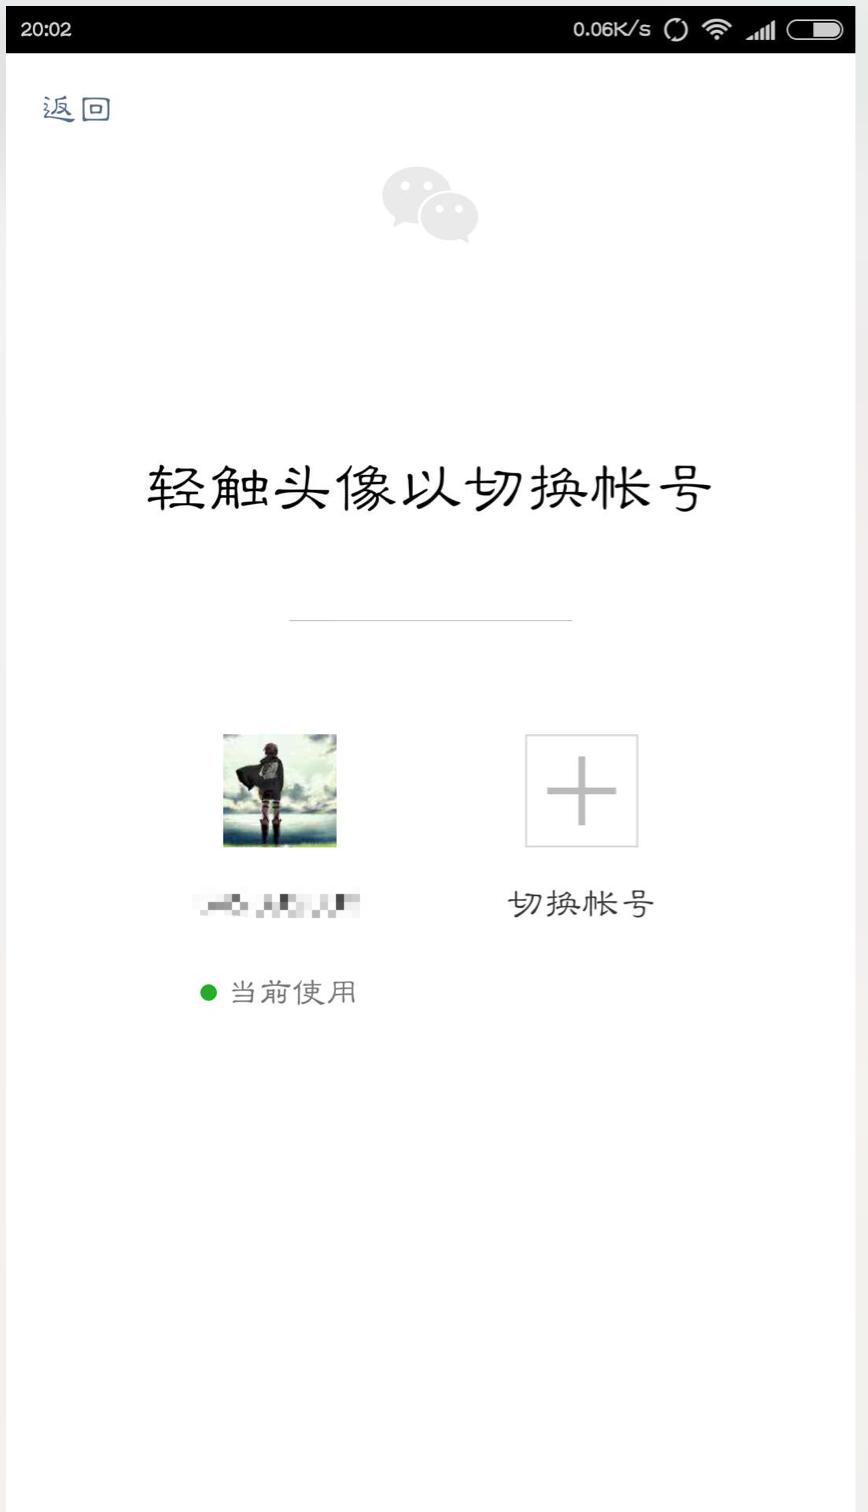 微信测试版6.6.5,新功能